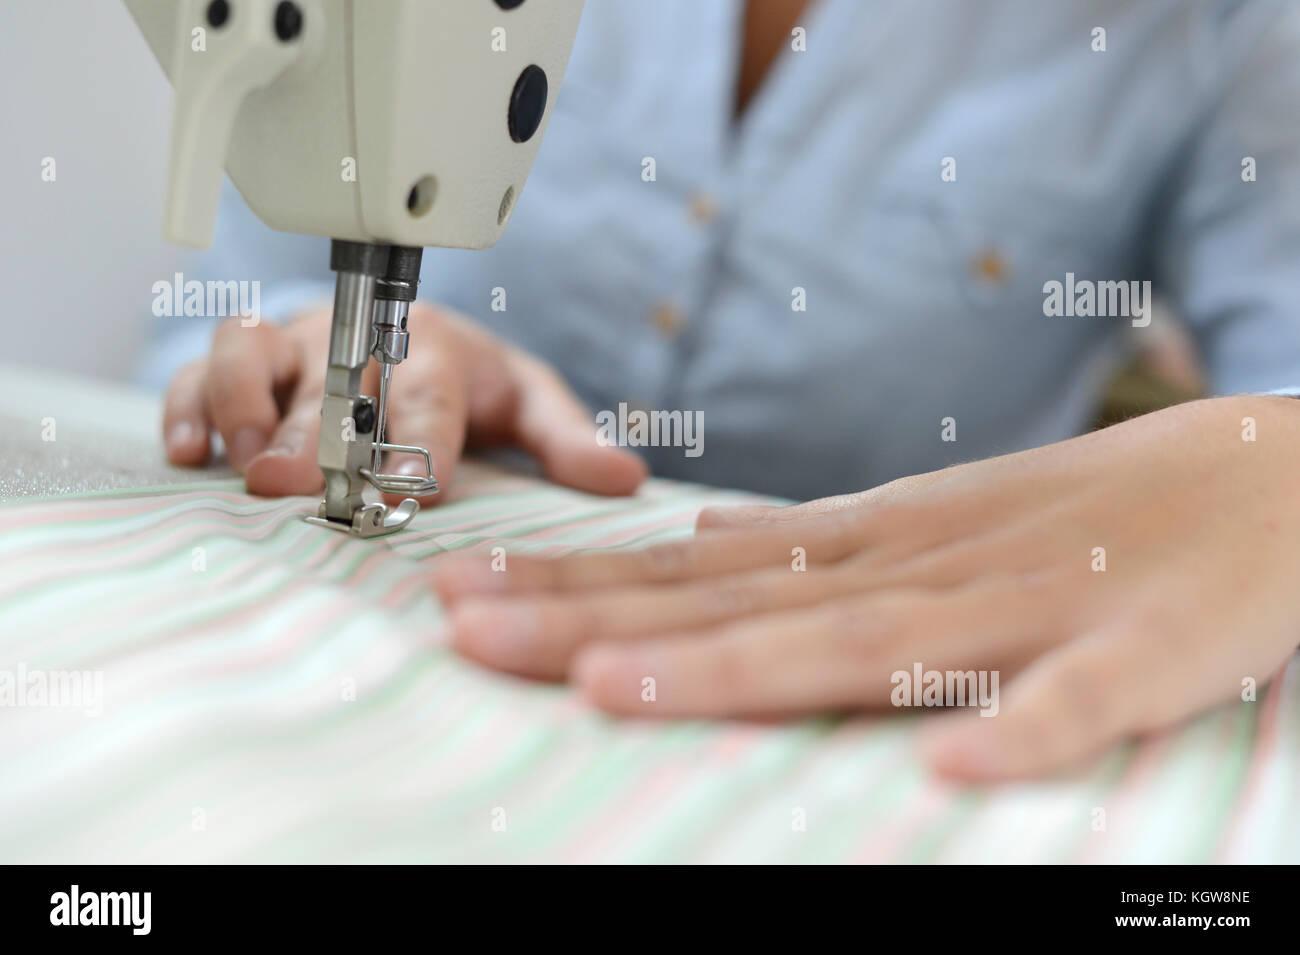 Gros plan sur la main à l'aide de la couturière sewing machine Photo Stock